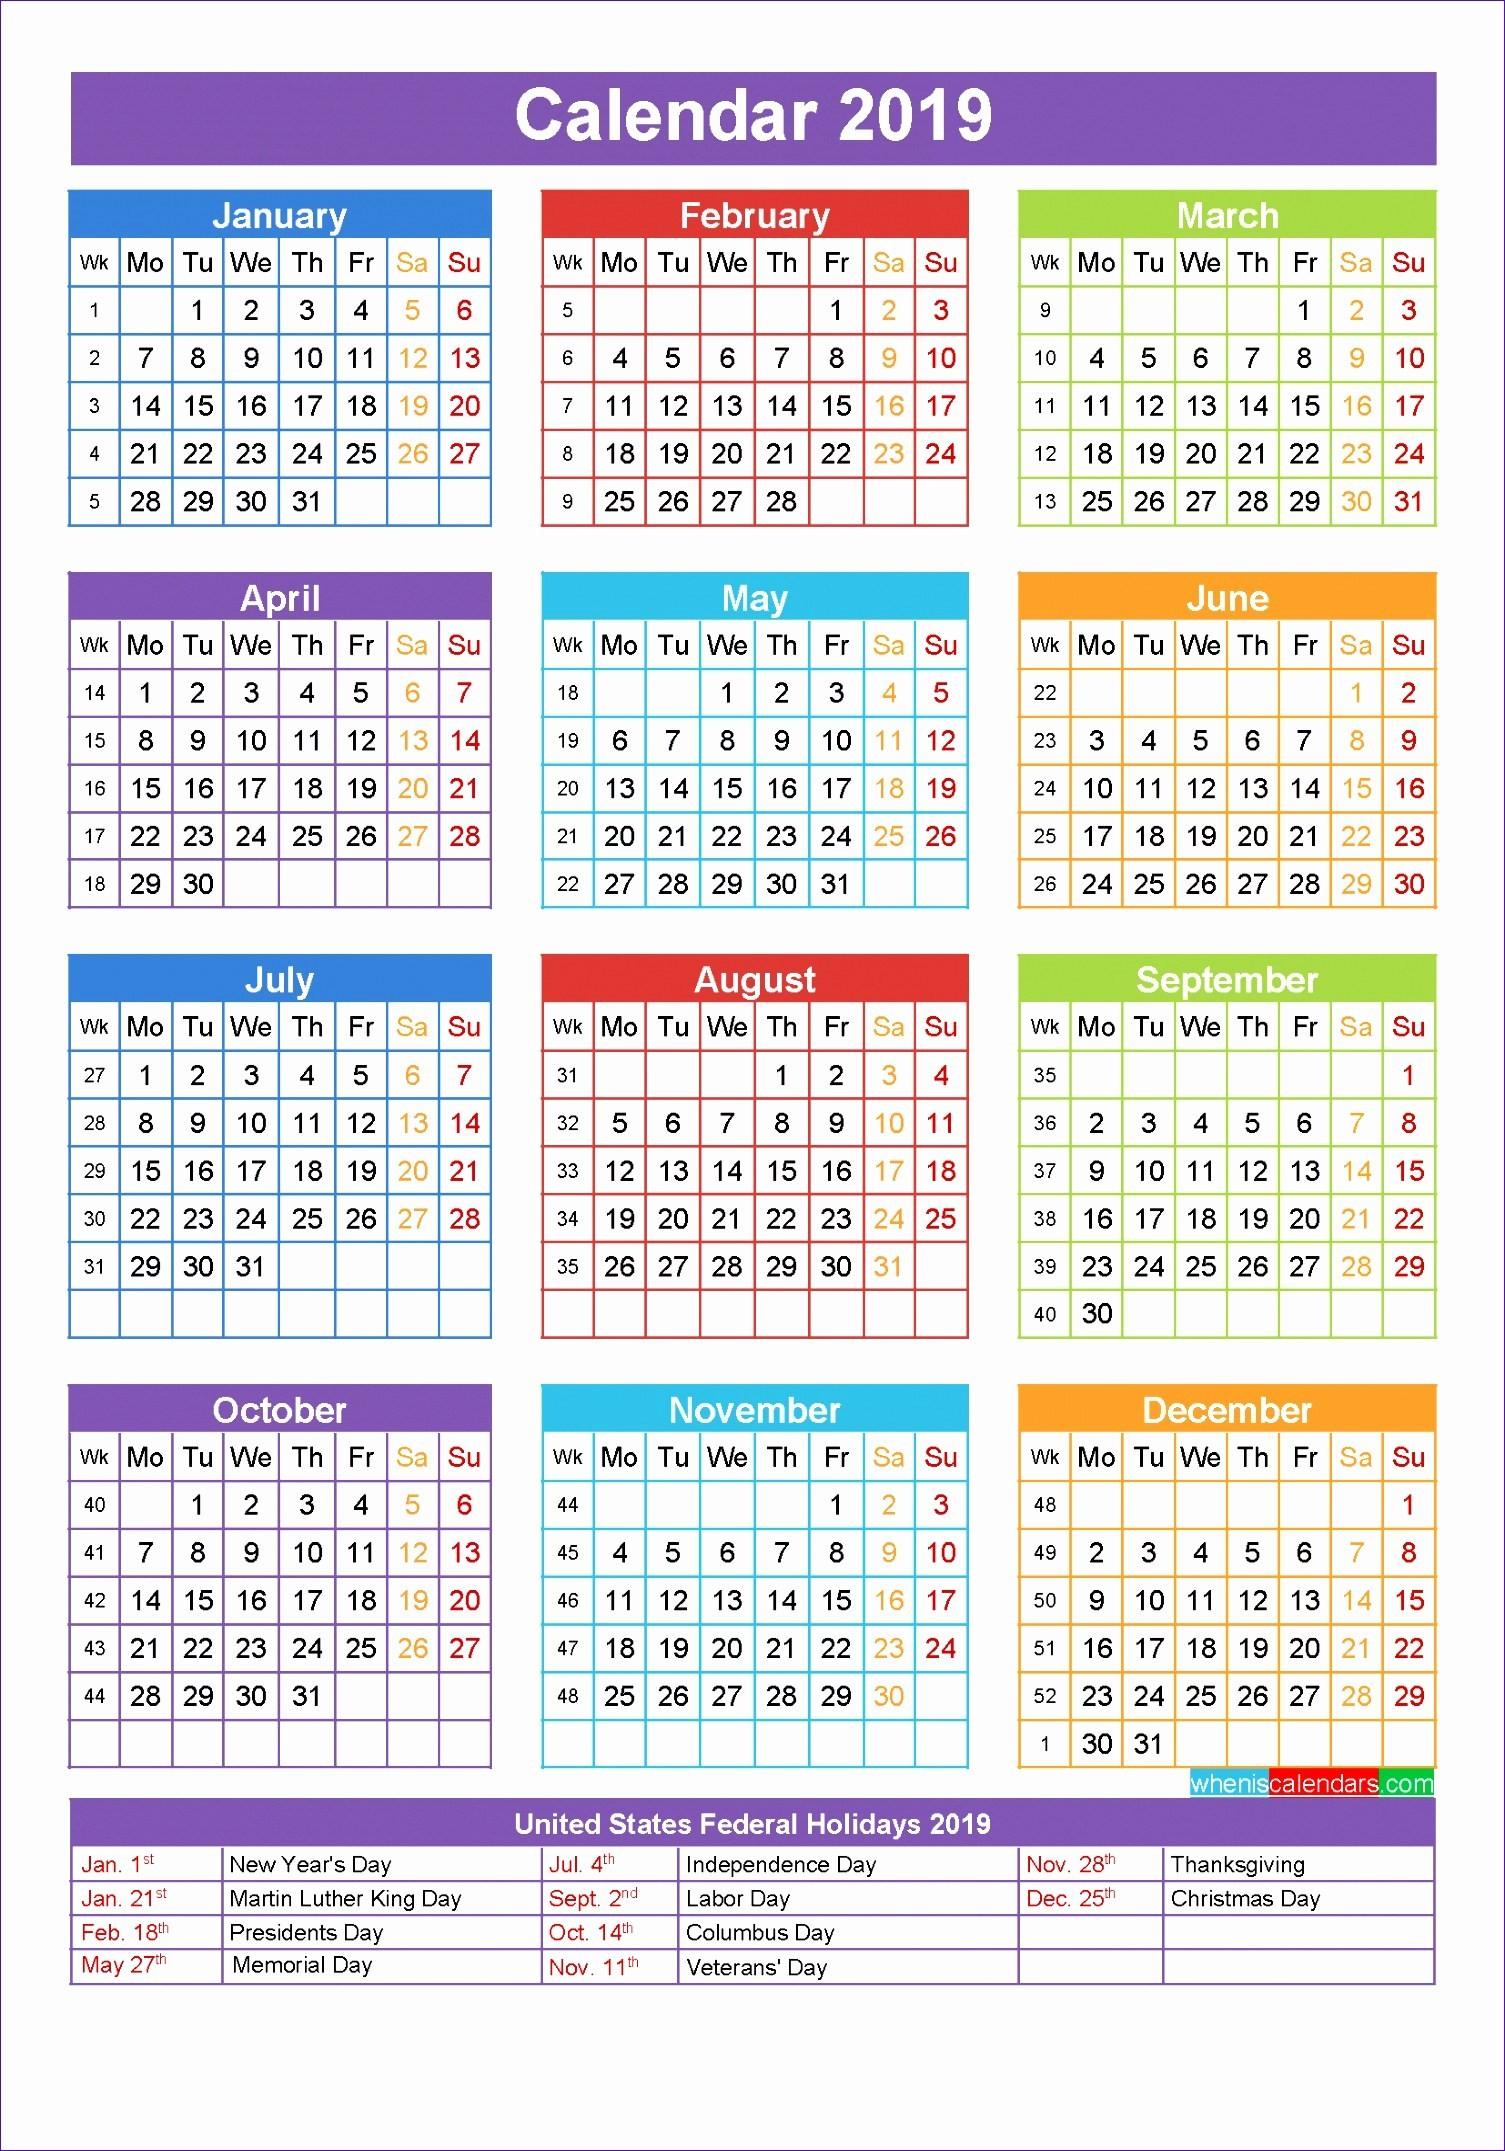 Plantilla Calendario Anual 2019 Excel Más Populares Free Indesign Calendar Template 2019 Of Plantilla Calendario Anual 2019 Excel Actual Kalender 2019 Book